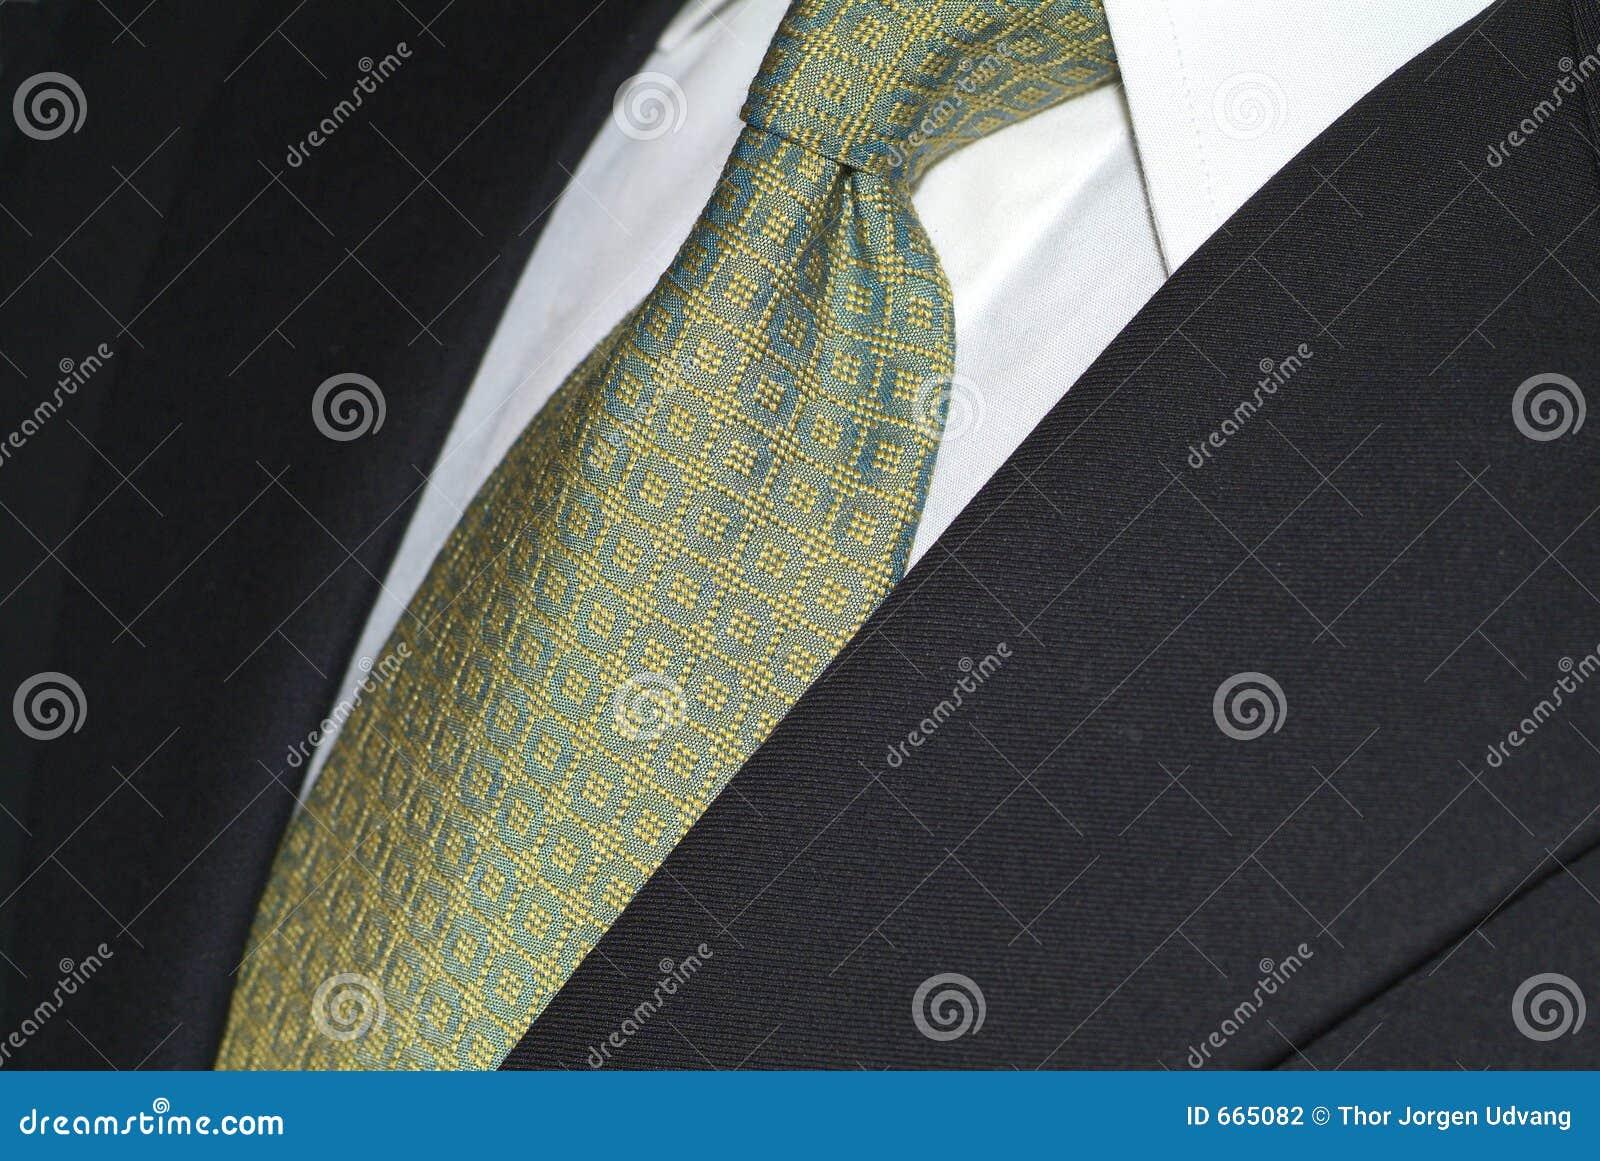 De stropdas van de zijde en donker kostuum